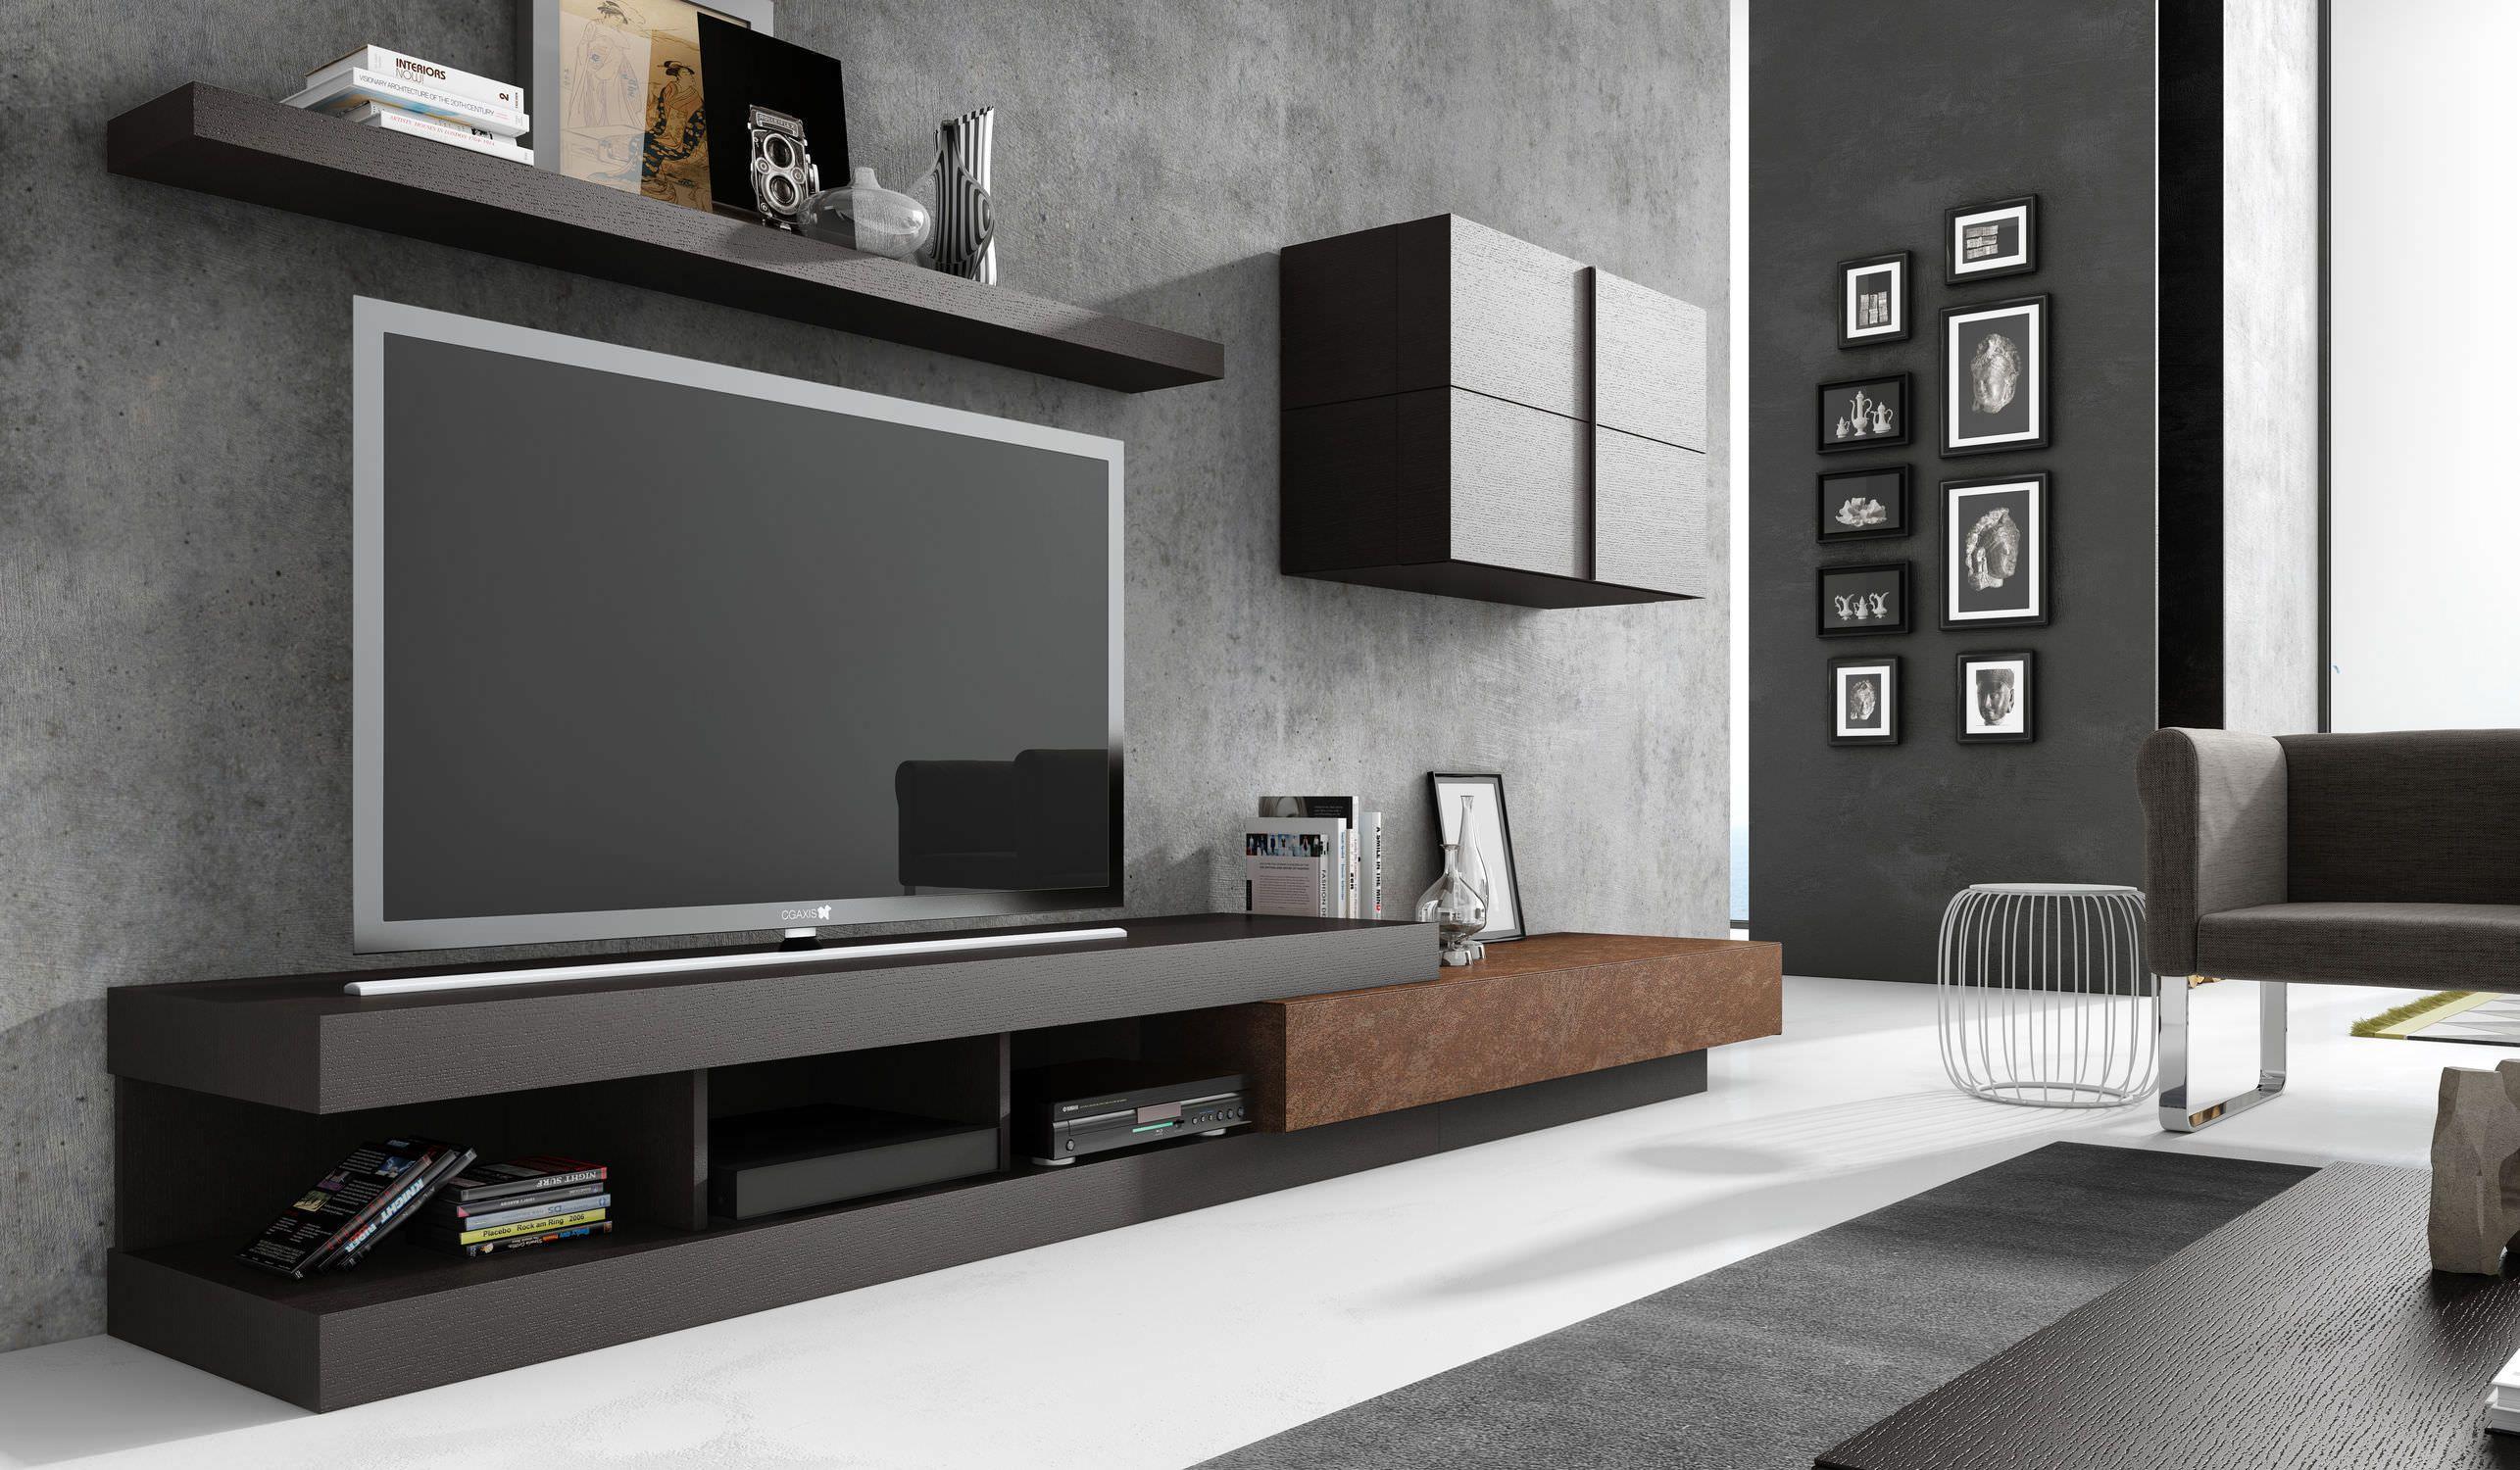 inspirant meuble tv contemporain design - Meuble Tv Contemporain Design Italien